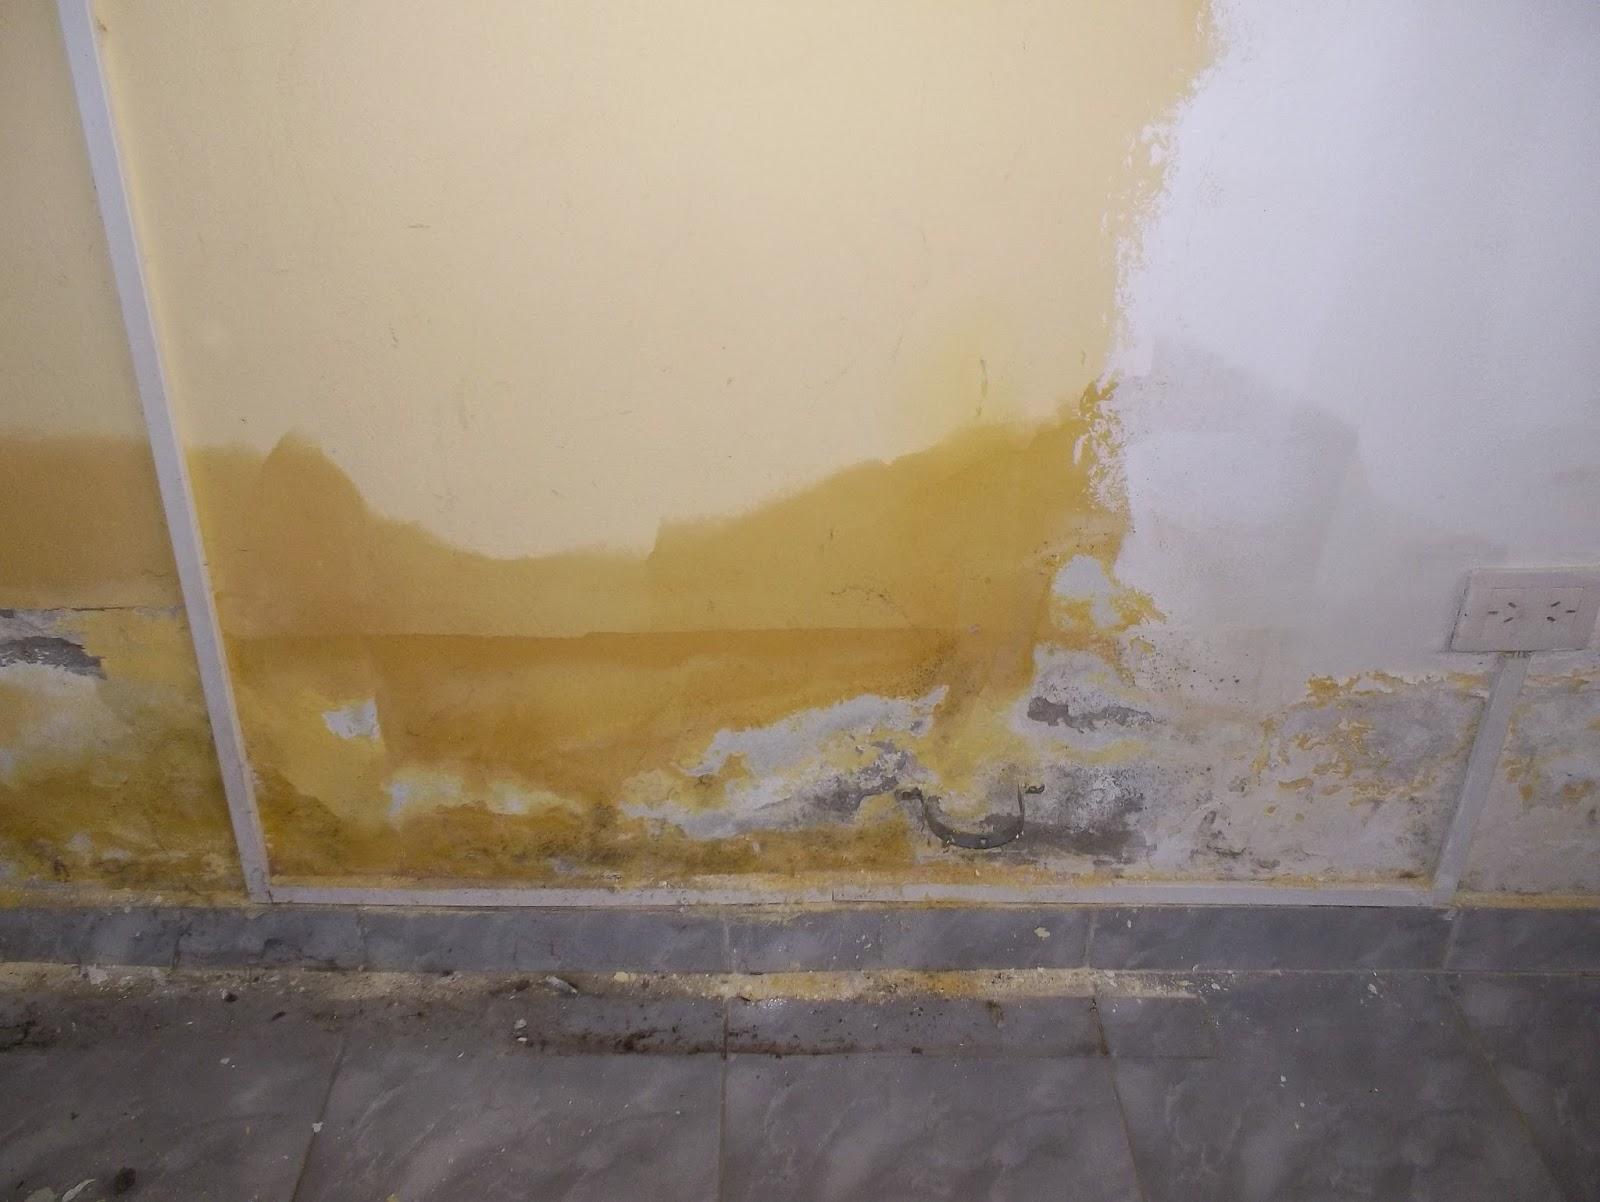 Construye tu placas de yeso en paredes con humedad - Humedad en casa ...